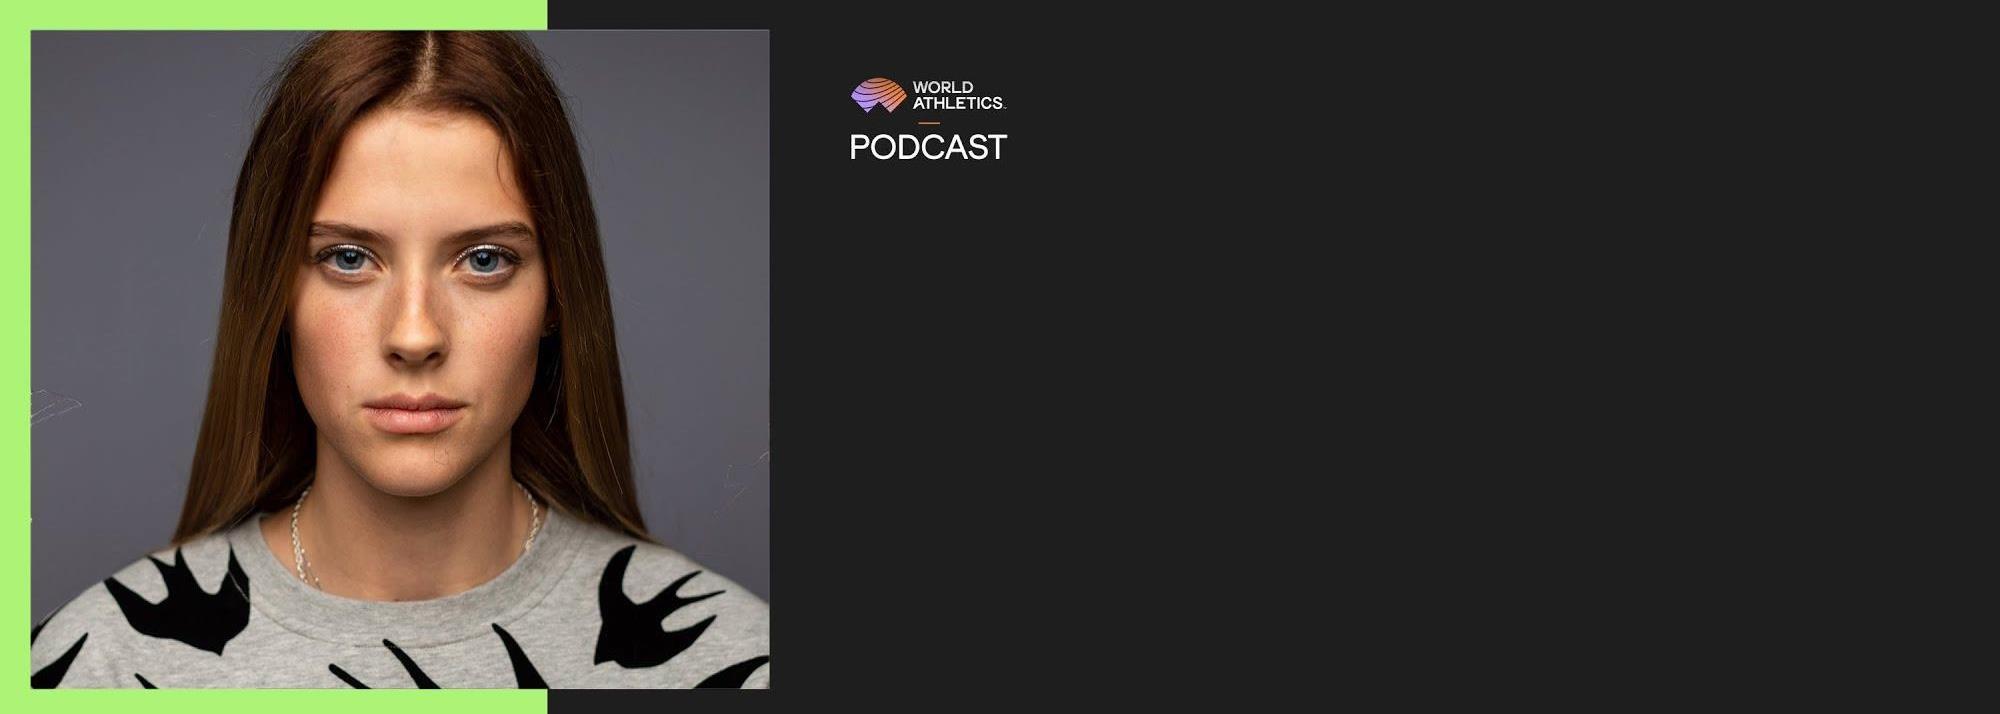 World Athletics podcast – Yaroslava Mahuchikh